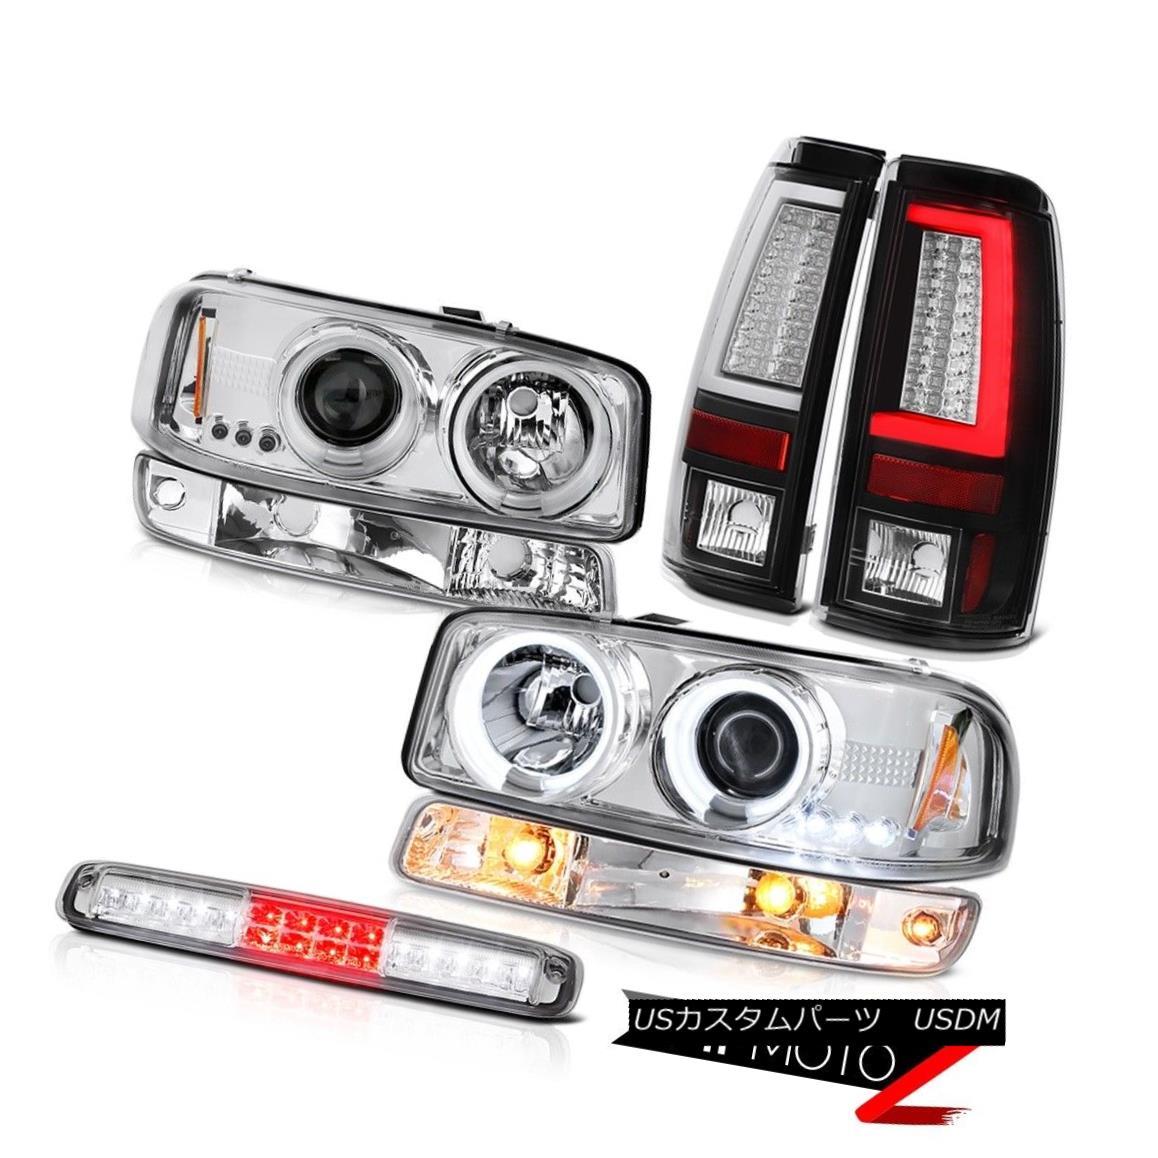 テールライト 99-06 Sierra SLE Tail Lamps 3RD Brake Lamp Bumper CCFL Headlamps LED Dual Halo 99-06シエラSLEテールランプ3RDブレーキランプバンパーCCFLヘッドランプLEDデュアルヘイロー